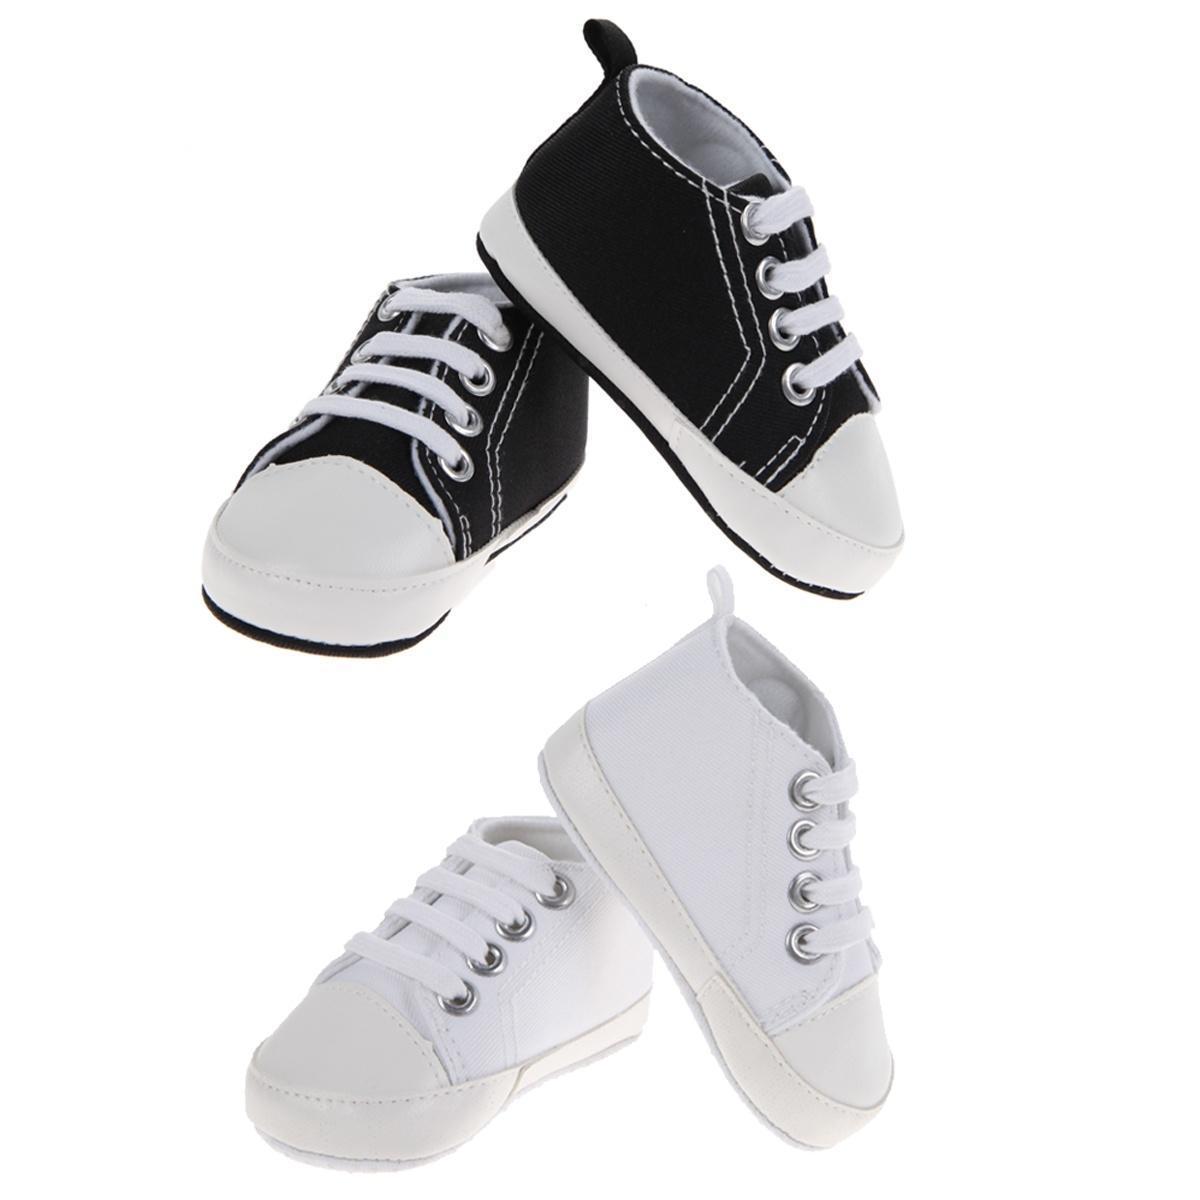 外贸新款侧baby 婴儿软底鞋子宝宝学步鞋 童鞋春秋款